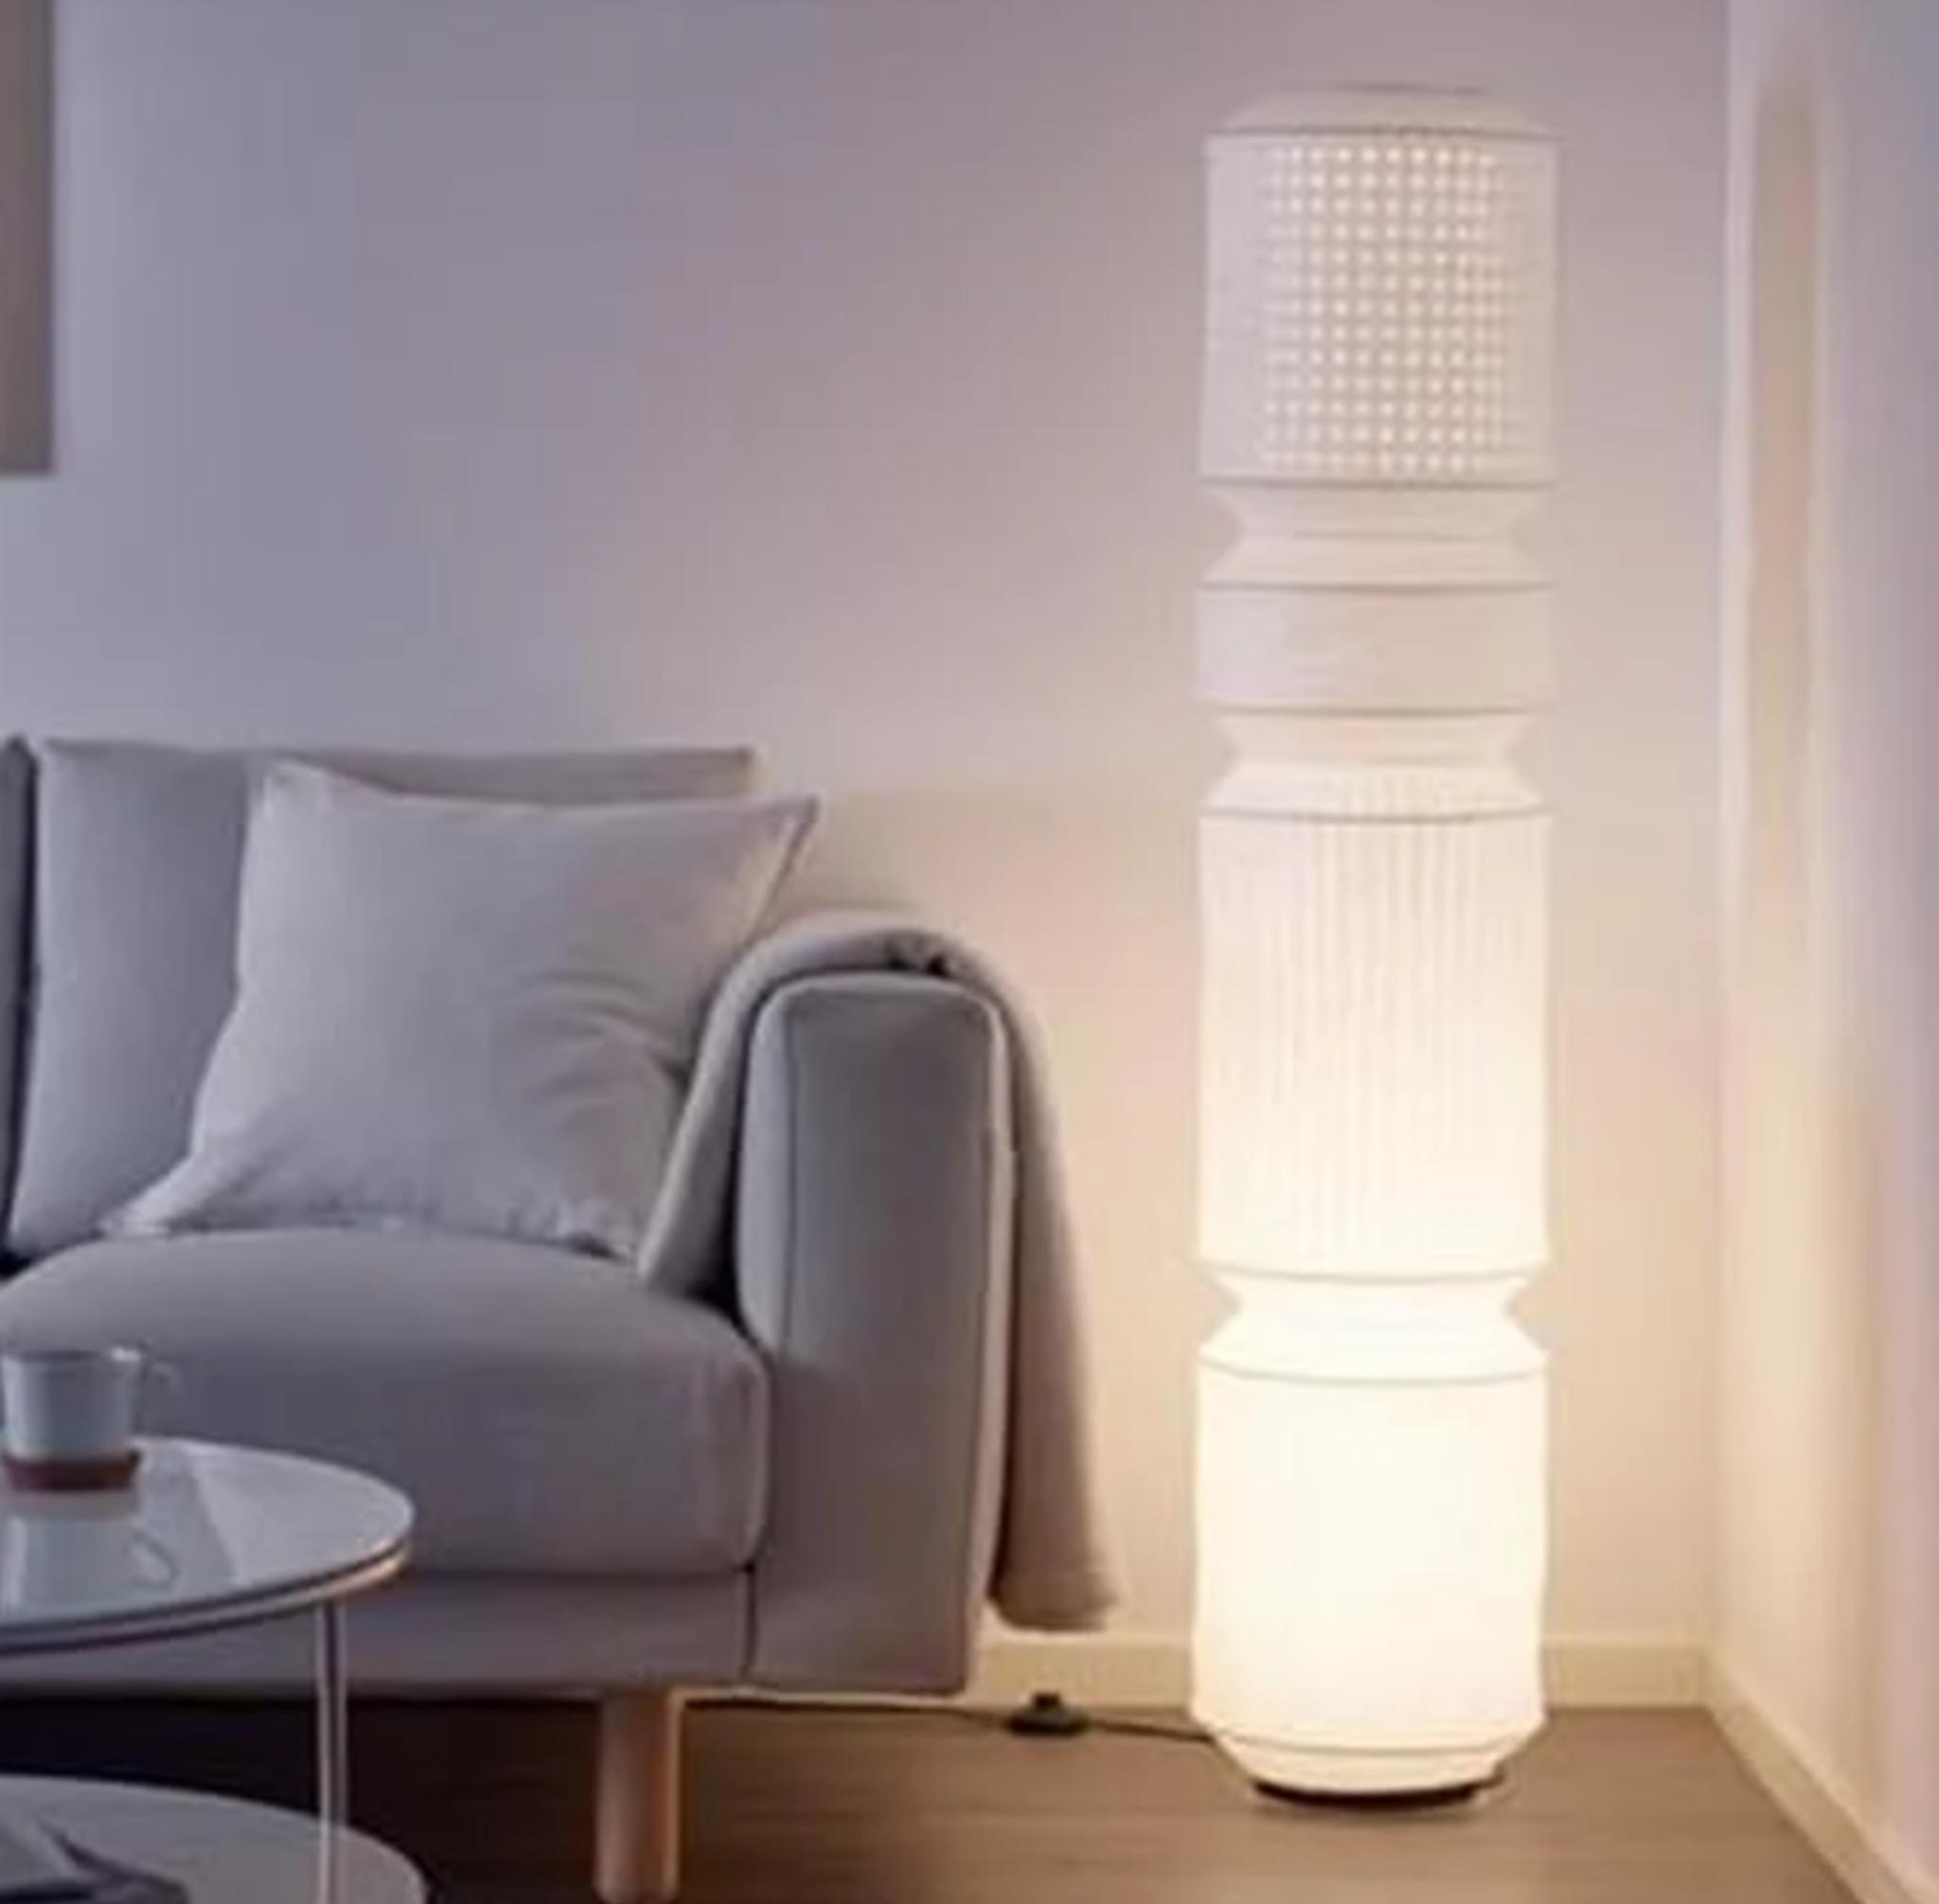 Selection grosses promos Ikea - Ex: Lampadaire Majorna 140cm (Villiers sur Marne 94)